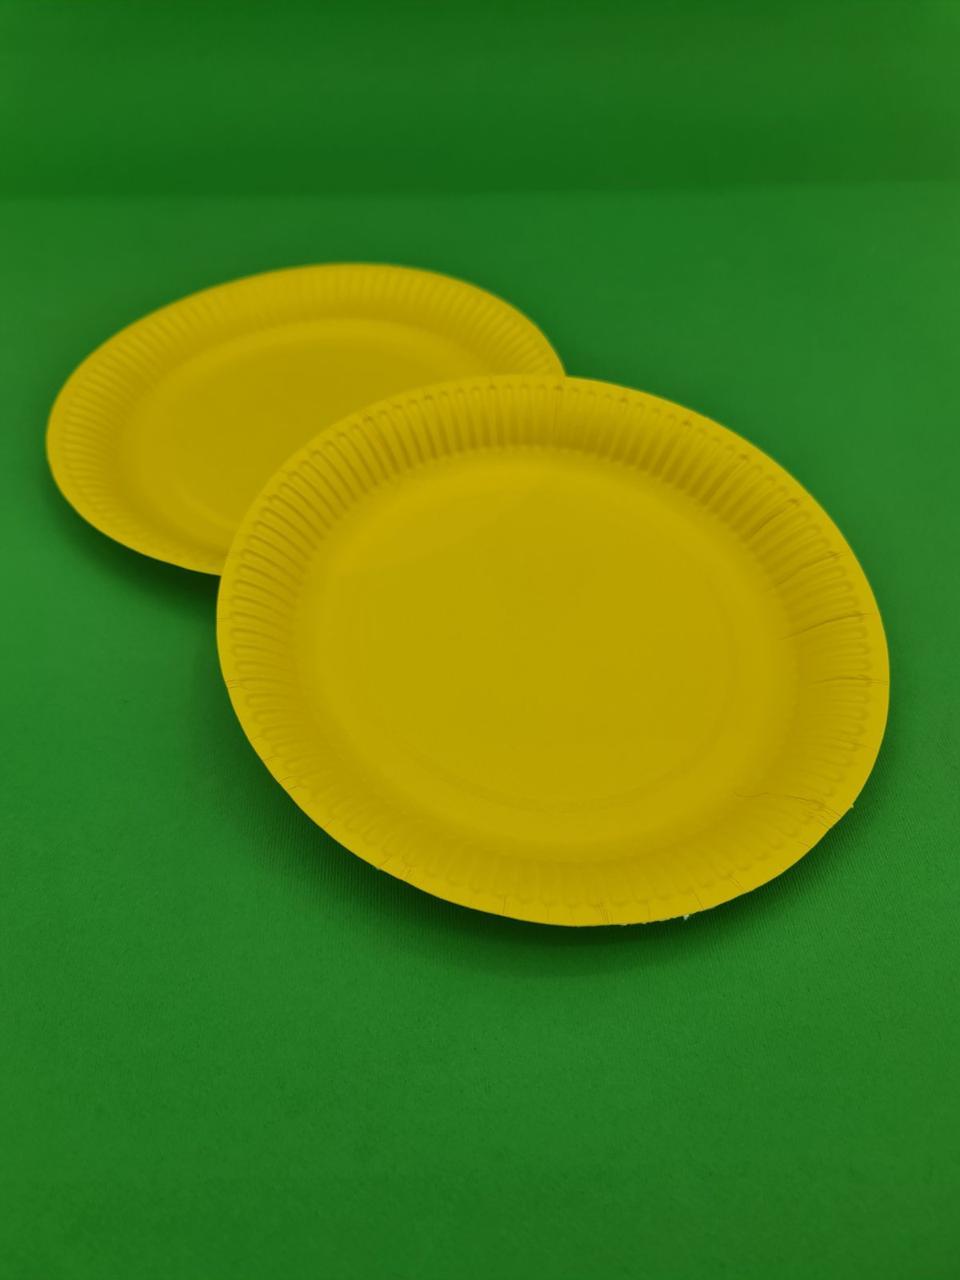 Тарелка бумажная  18см Желтая 50шт (1 пач)